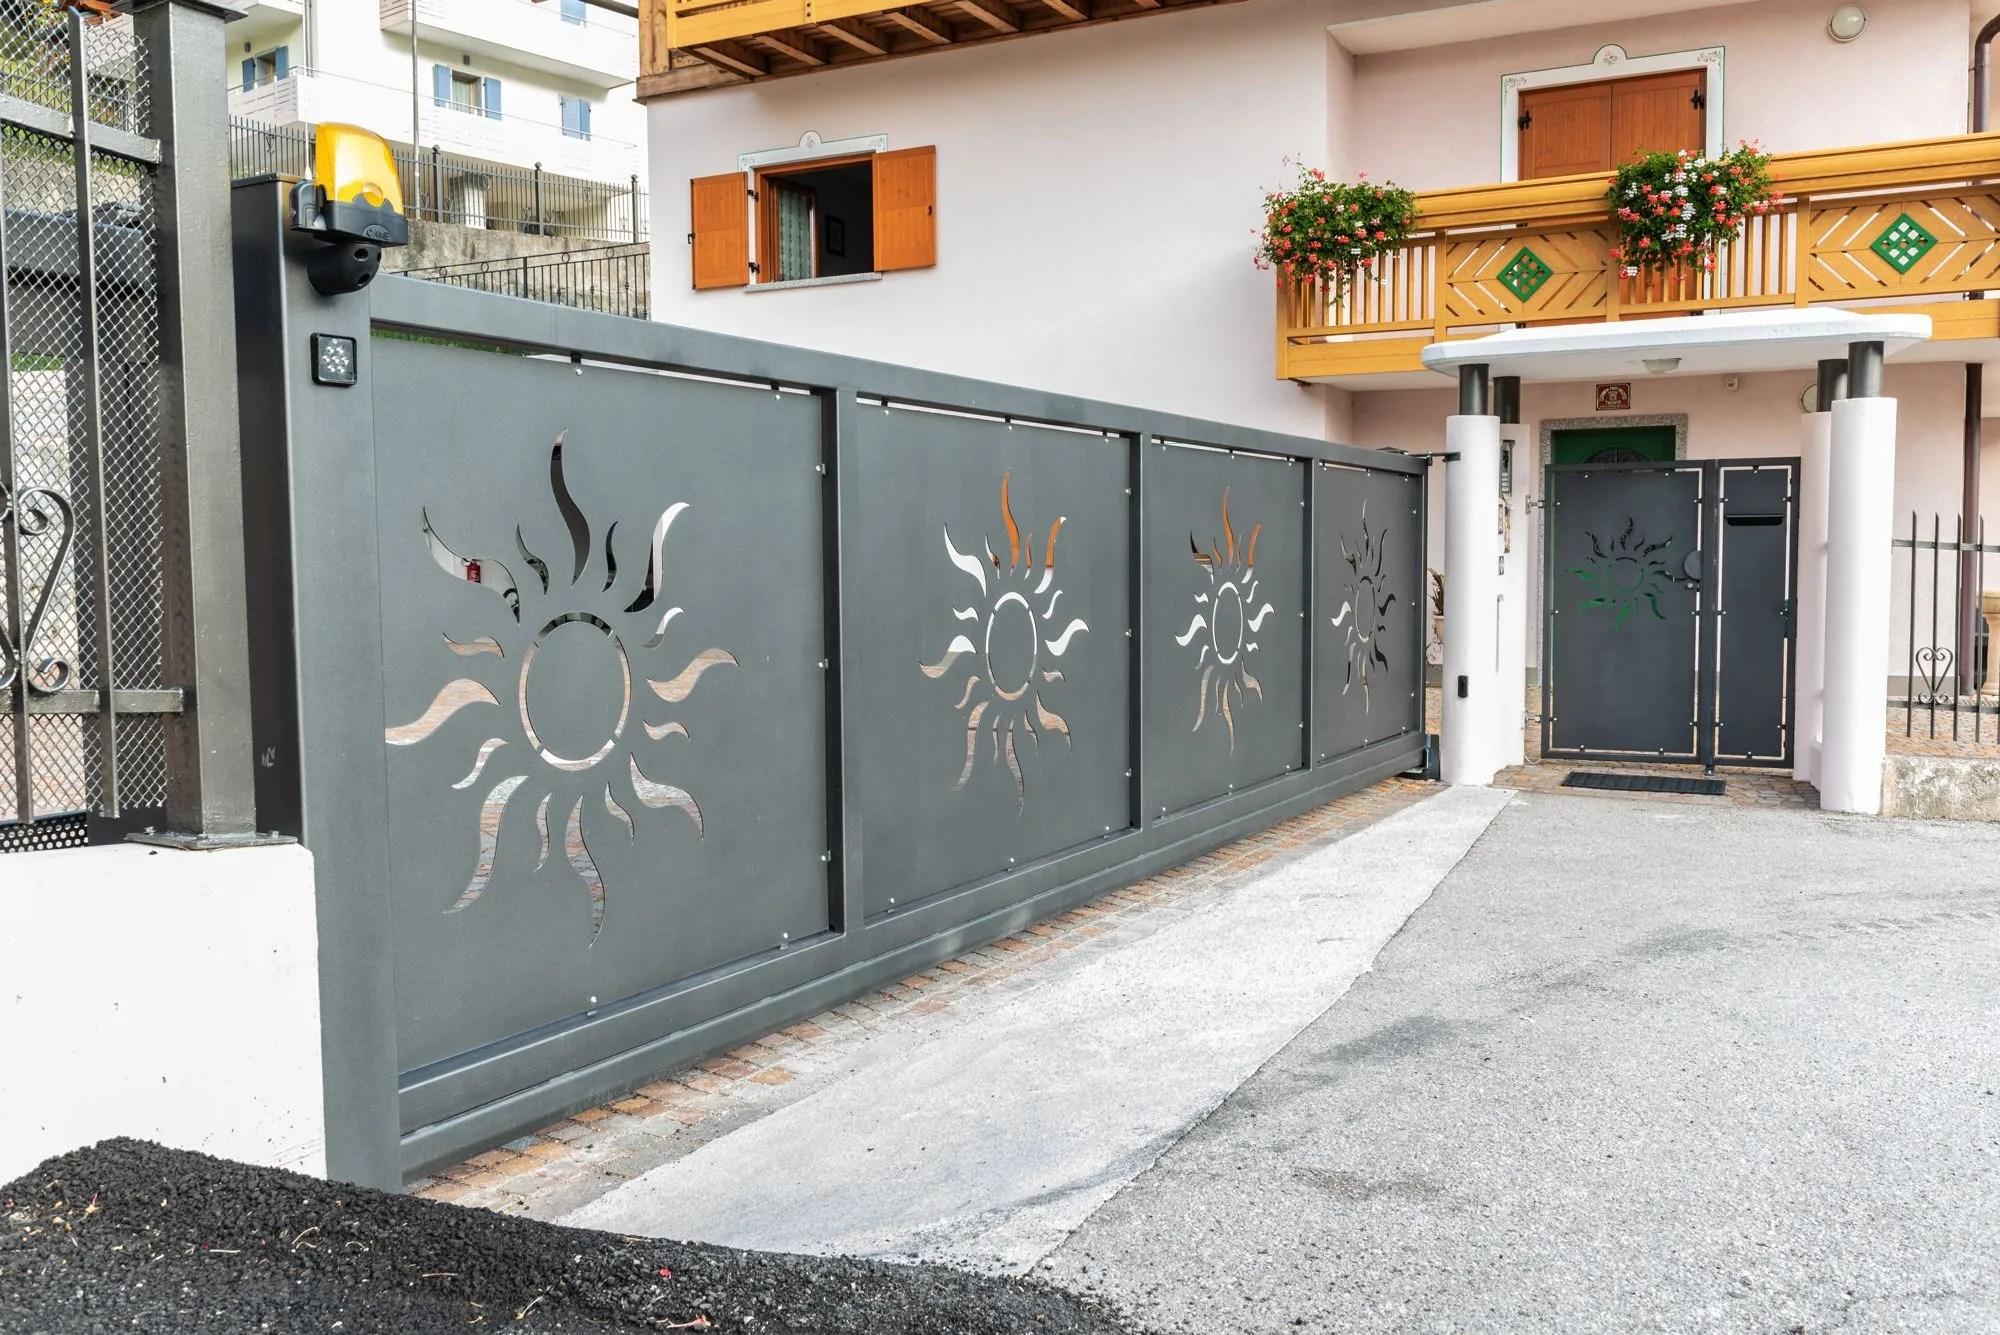 Ringhiere per balconi, balaustre, parapetti in alluminio. Recinzioni Cancelli E Scale Per Esterno In Stile Classico E Moderno